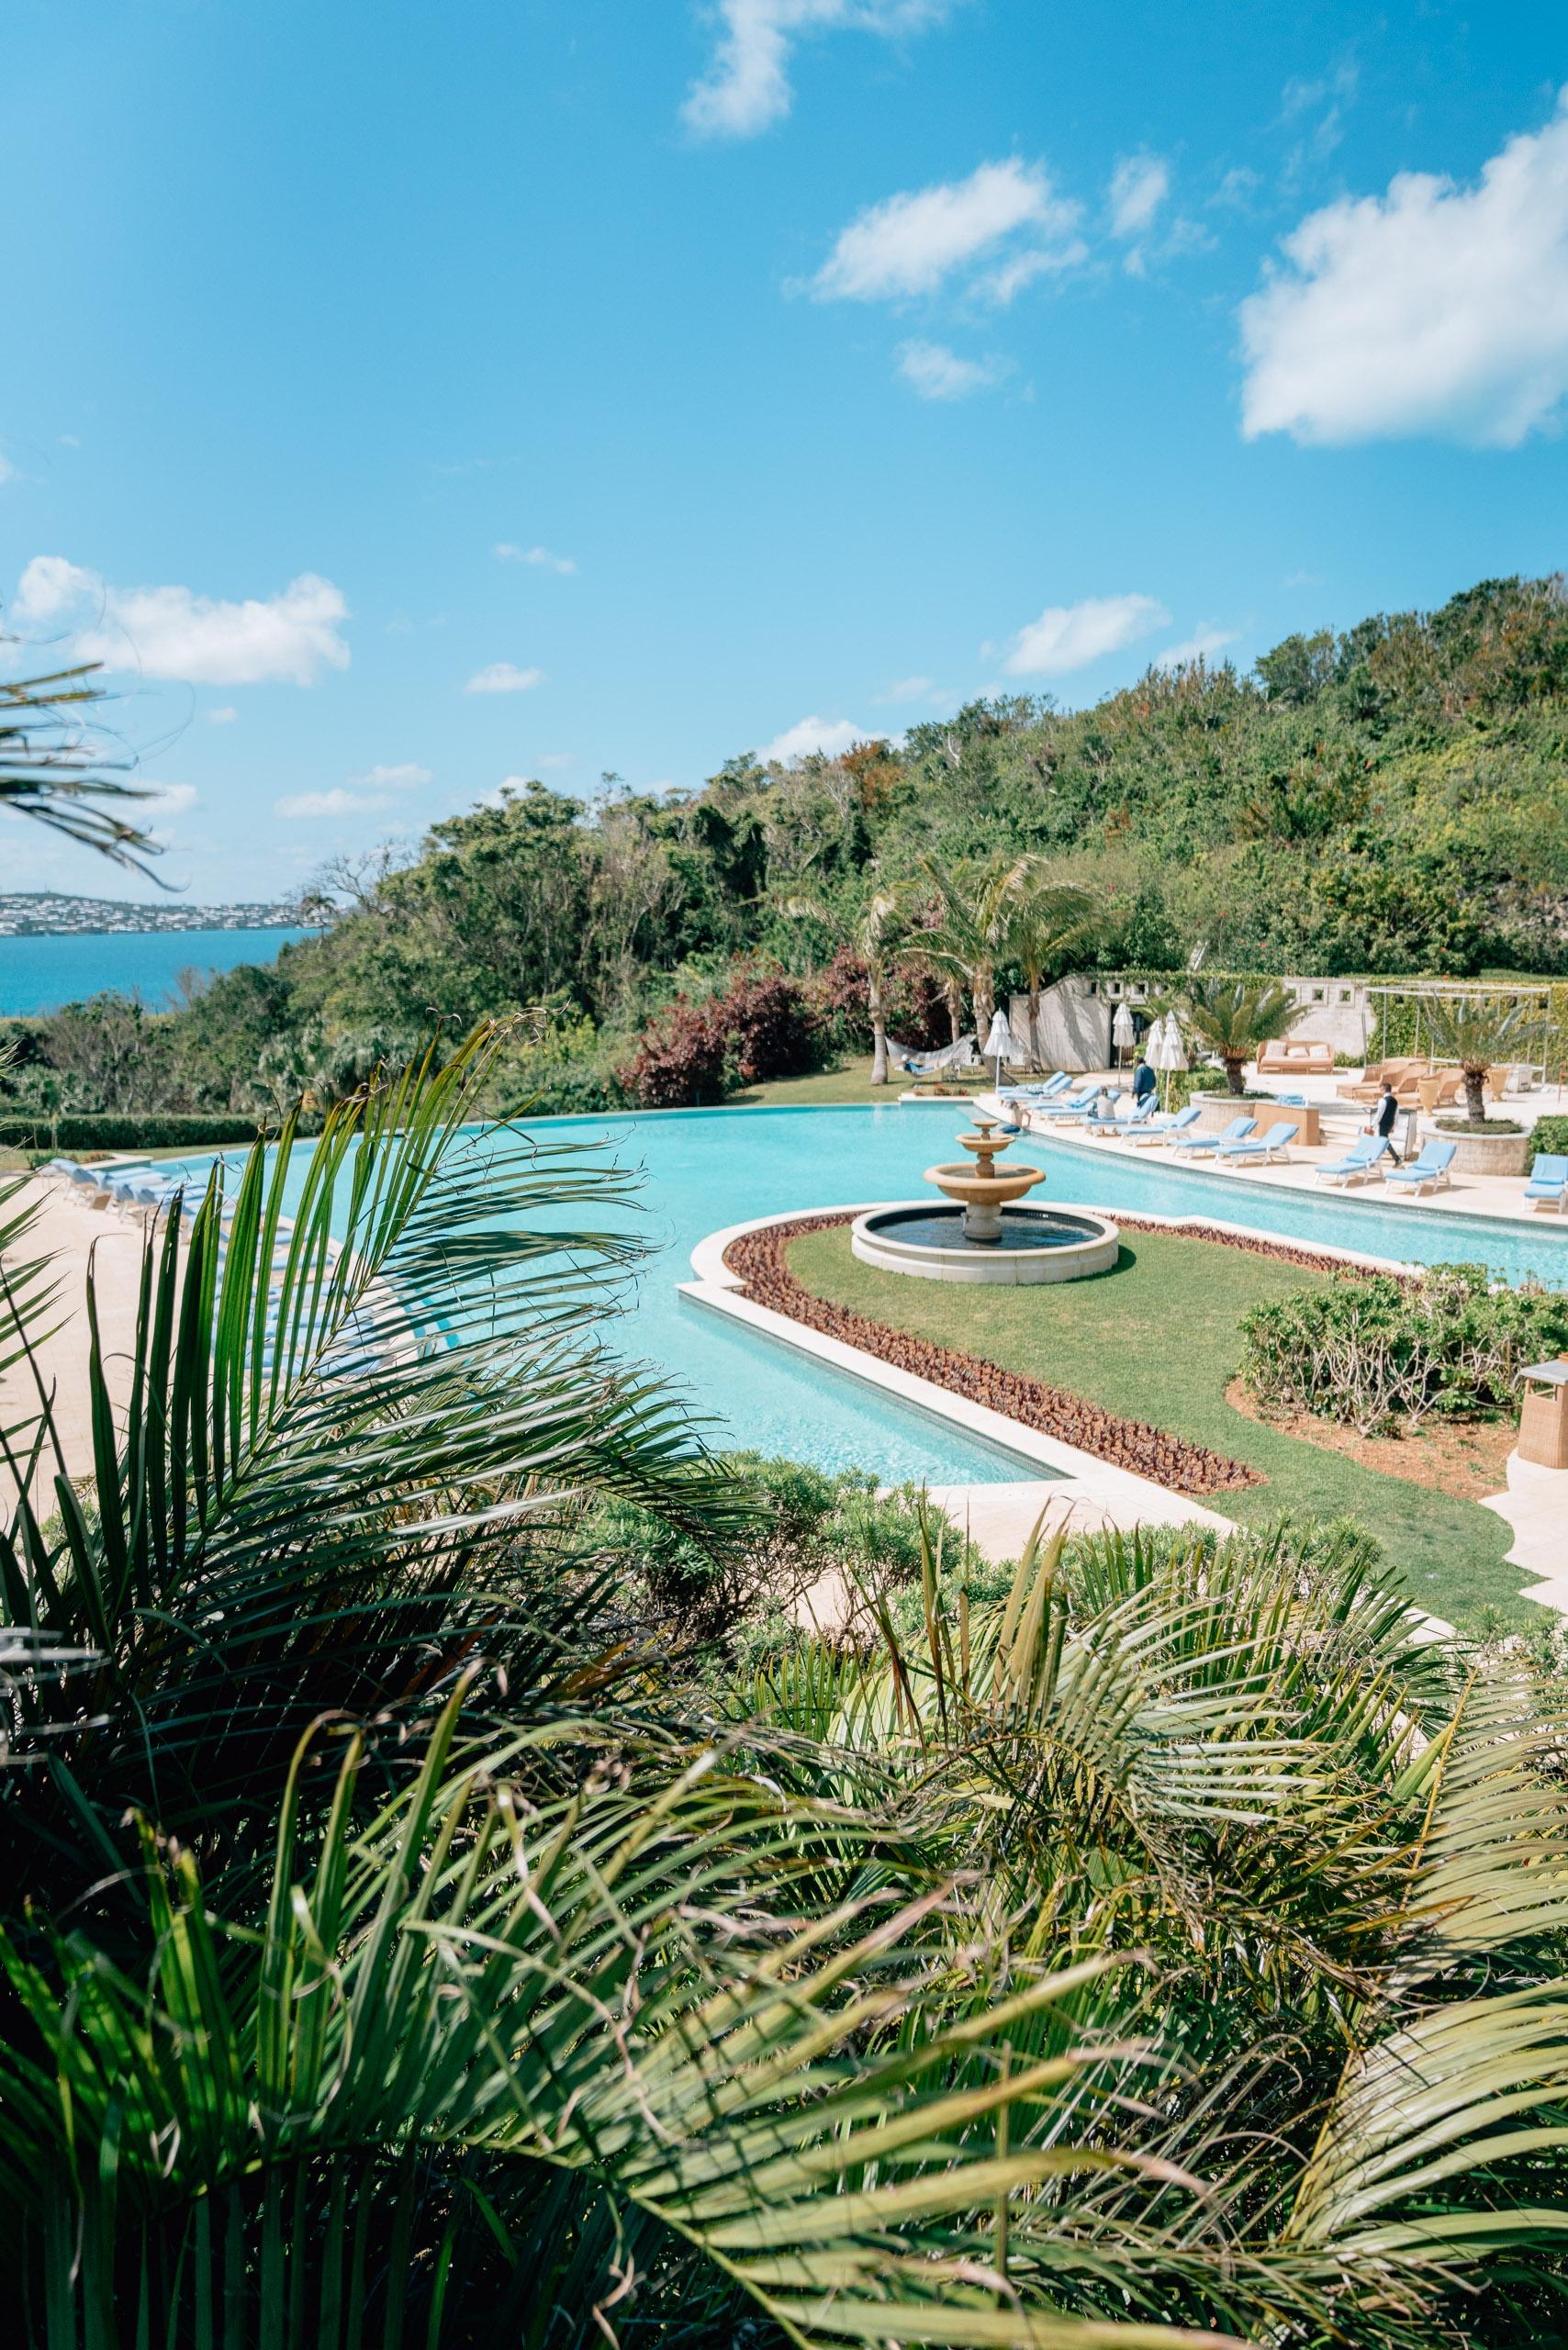 The Pool at the Rosewood Bermuda